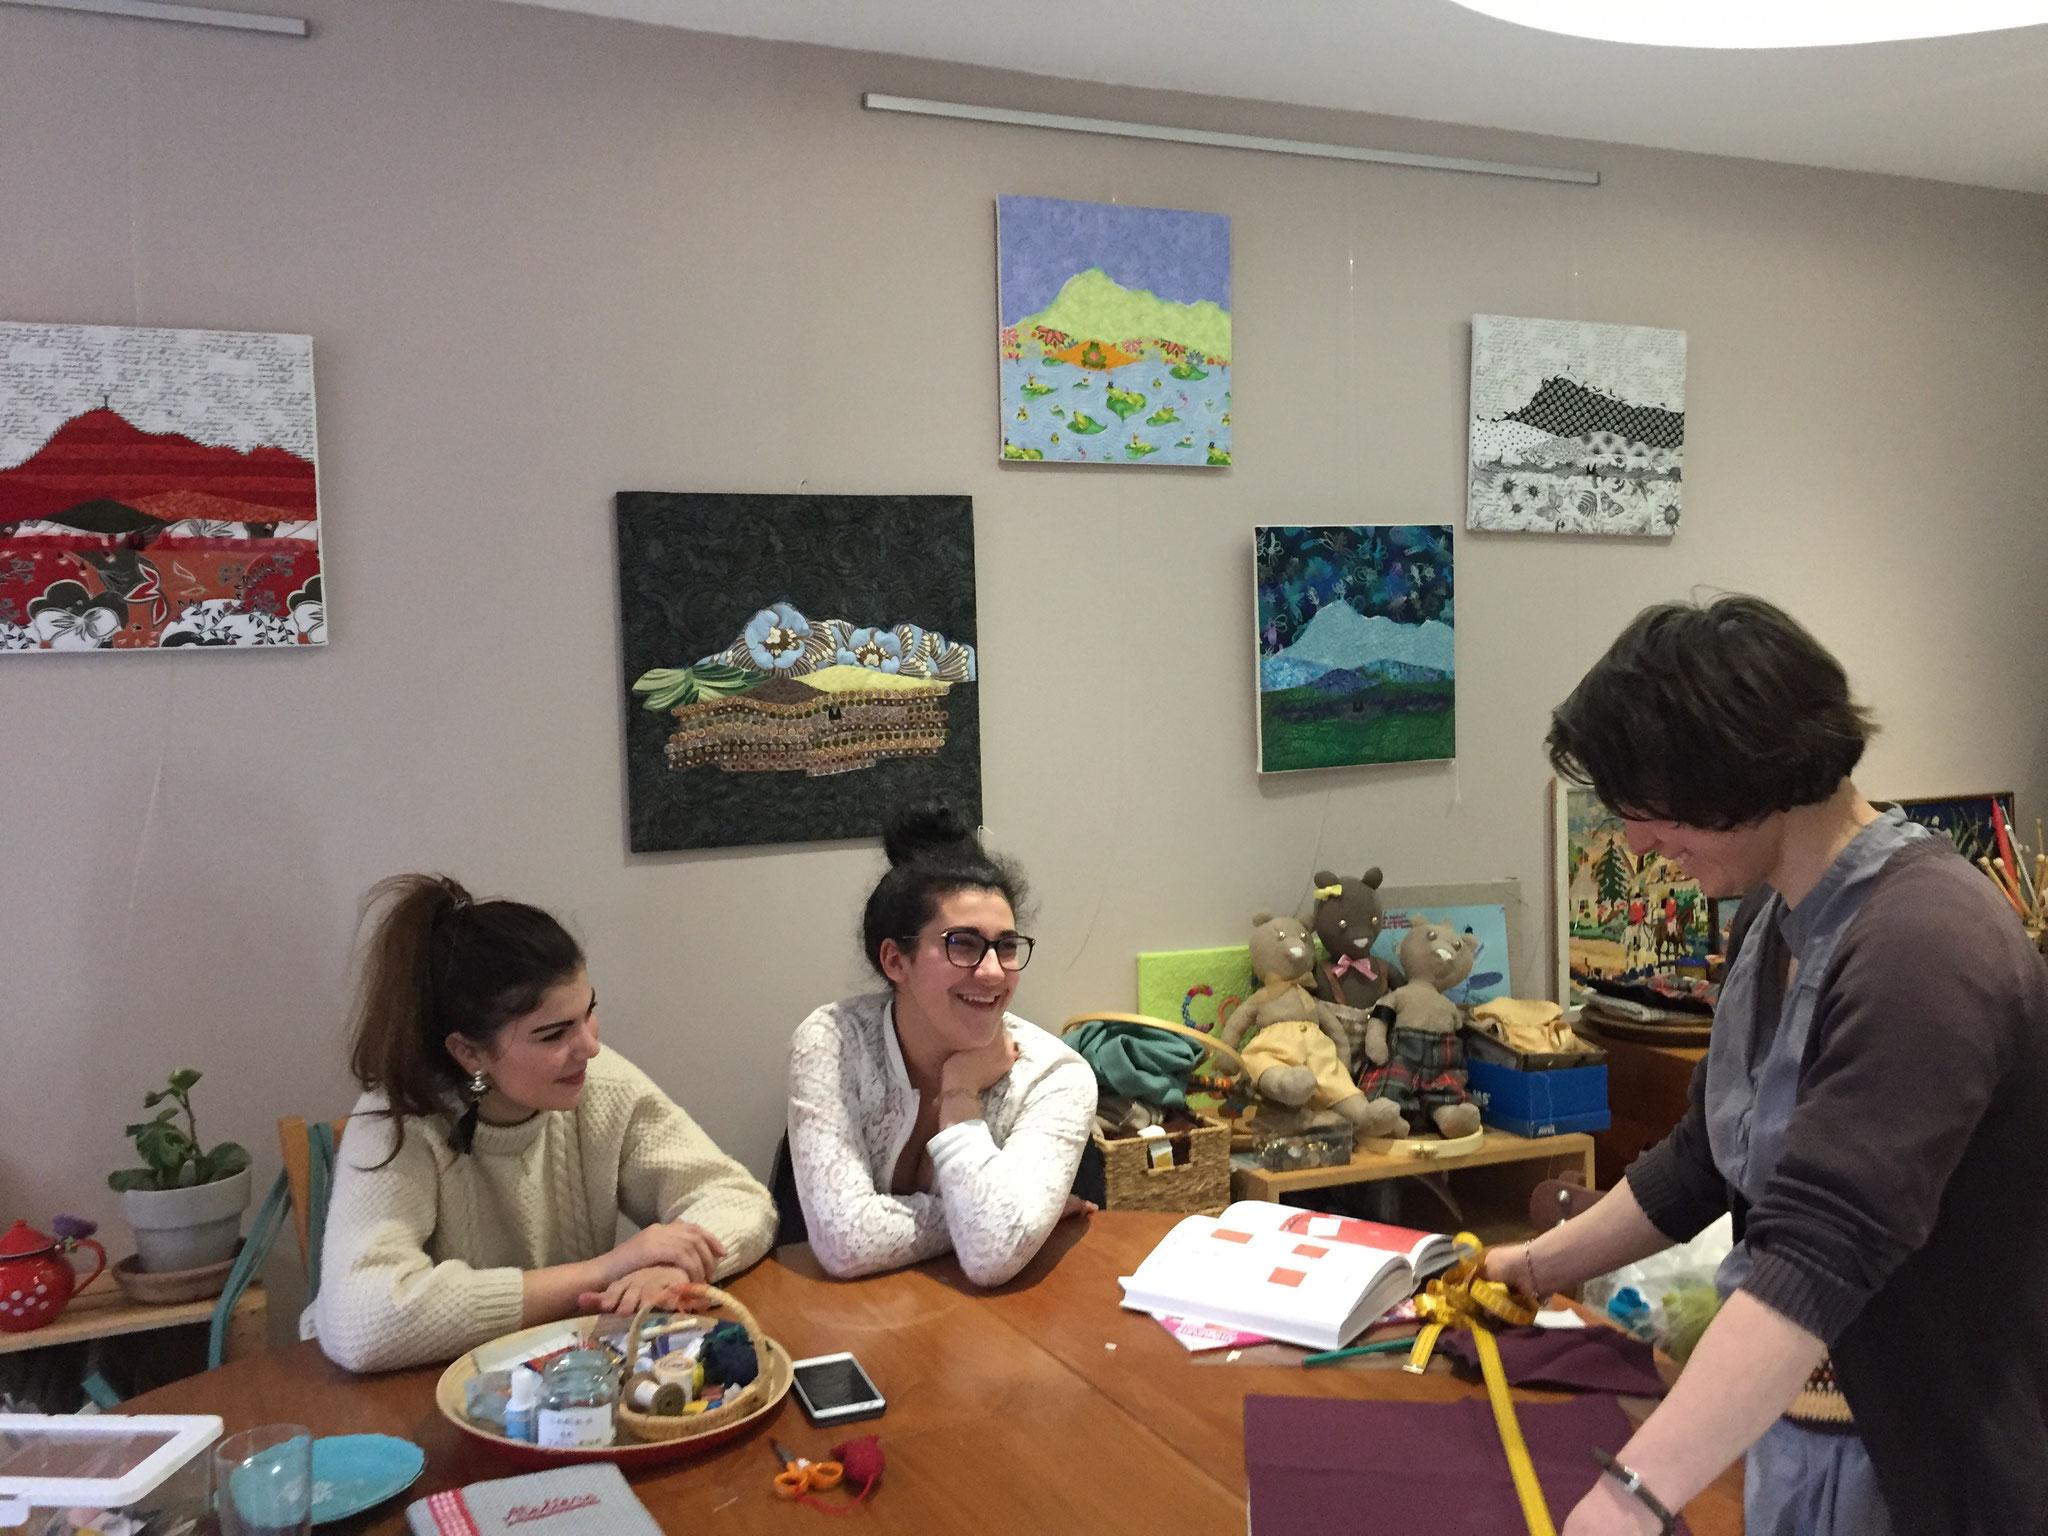 """Installation des grands tableaux """"Chaîne des Puys"""" sur les murs pendant que les jeunes cousent !"""